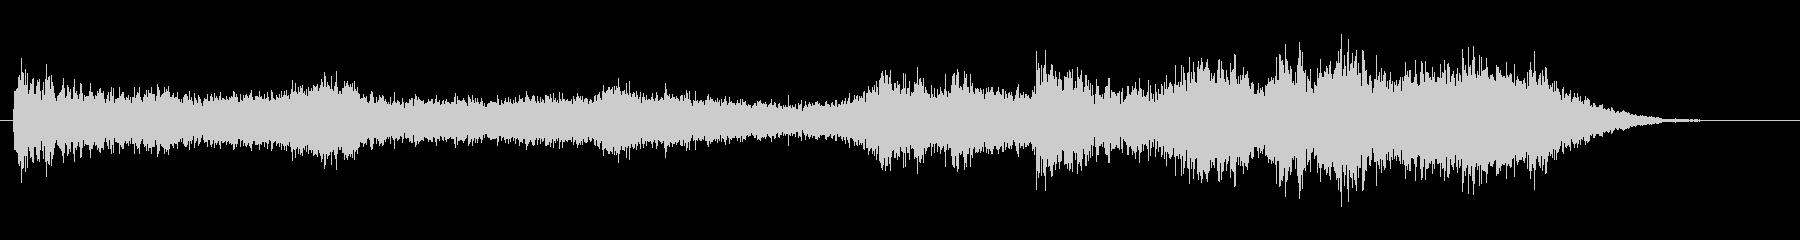 長めのホラー風Pad音の未再生の波形